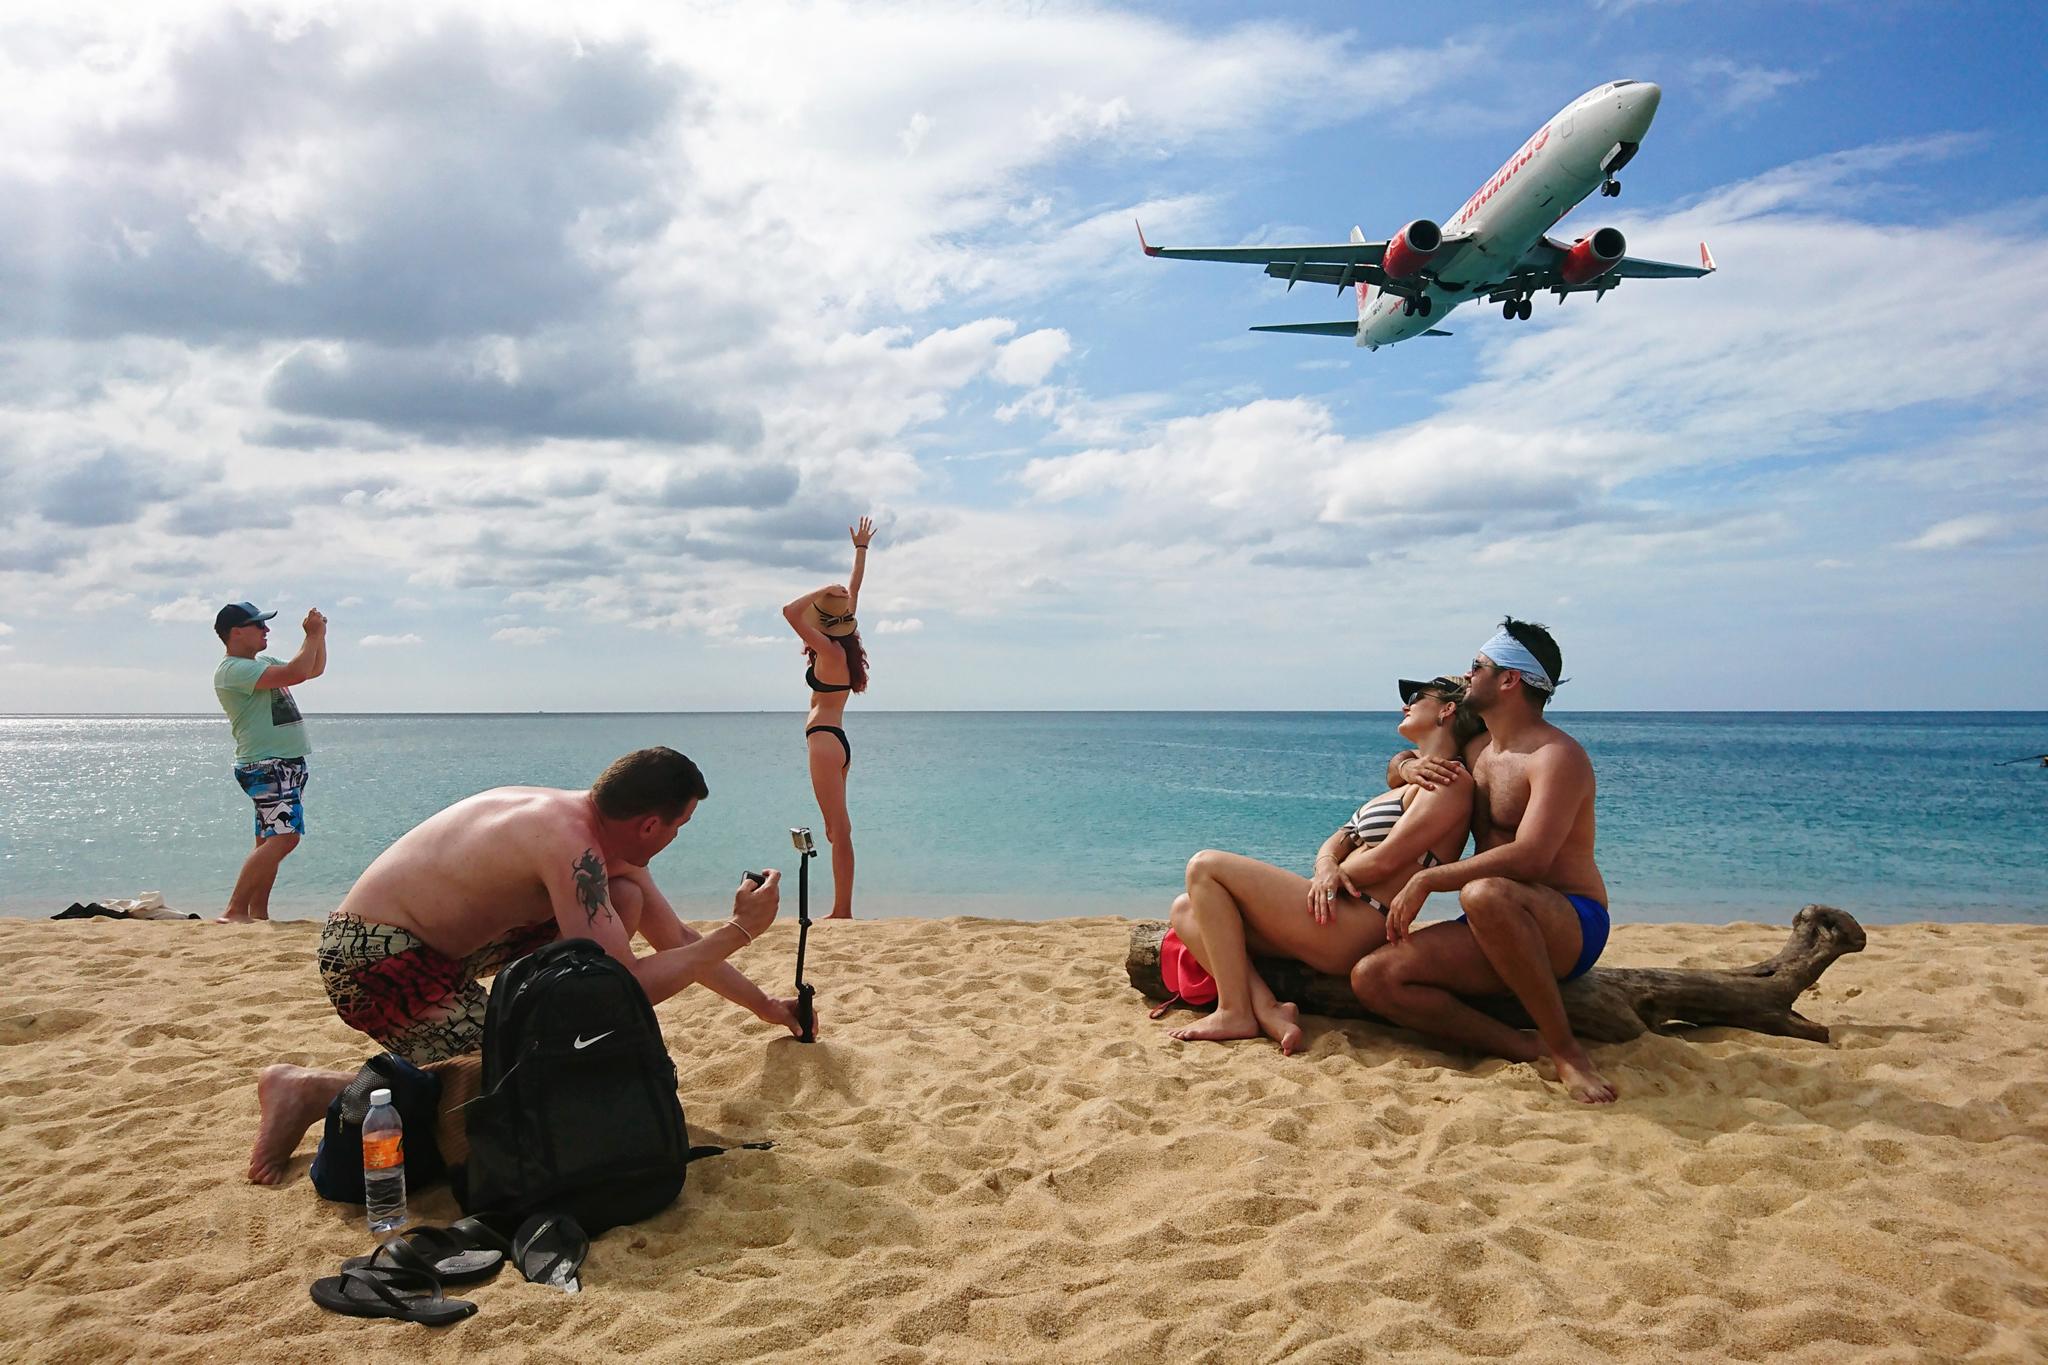 сми прикольные фото для отпуска можете